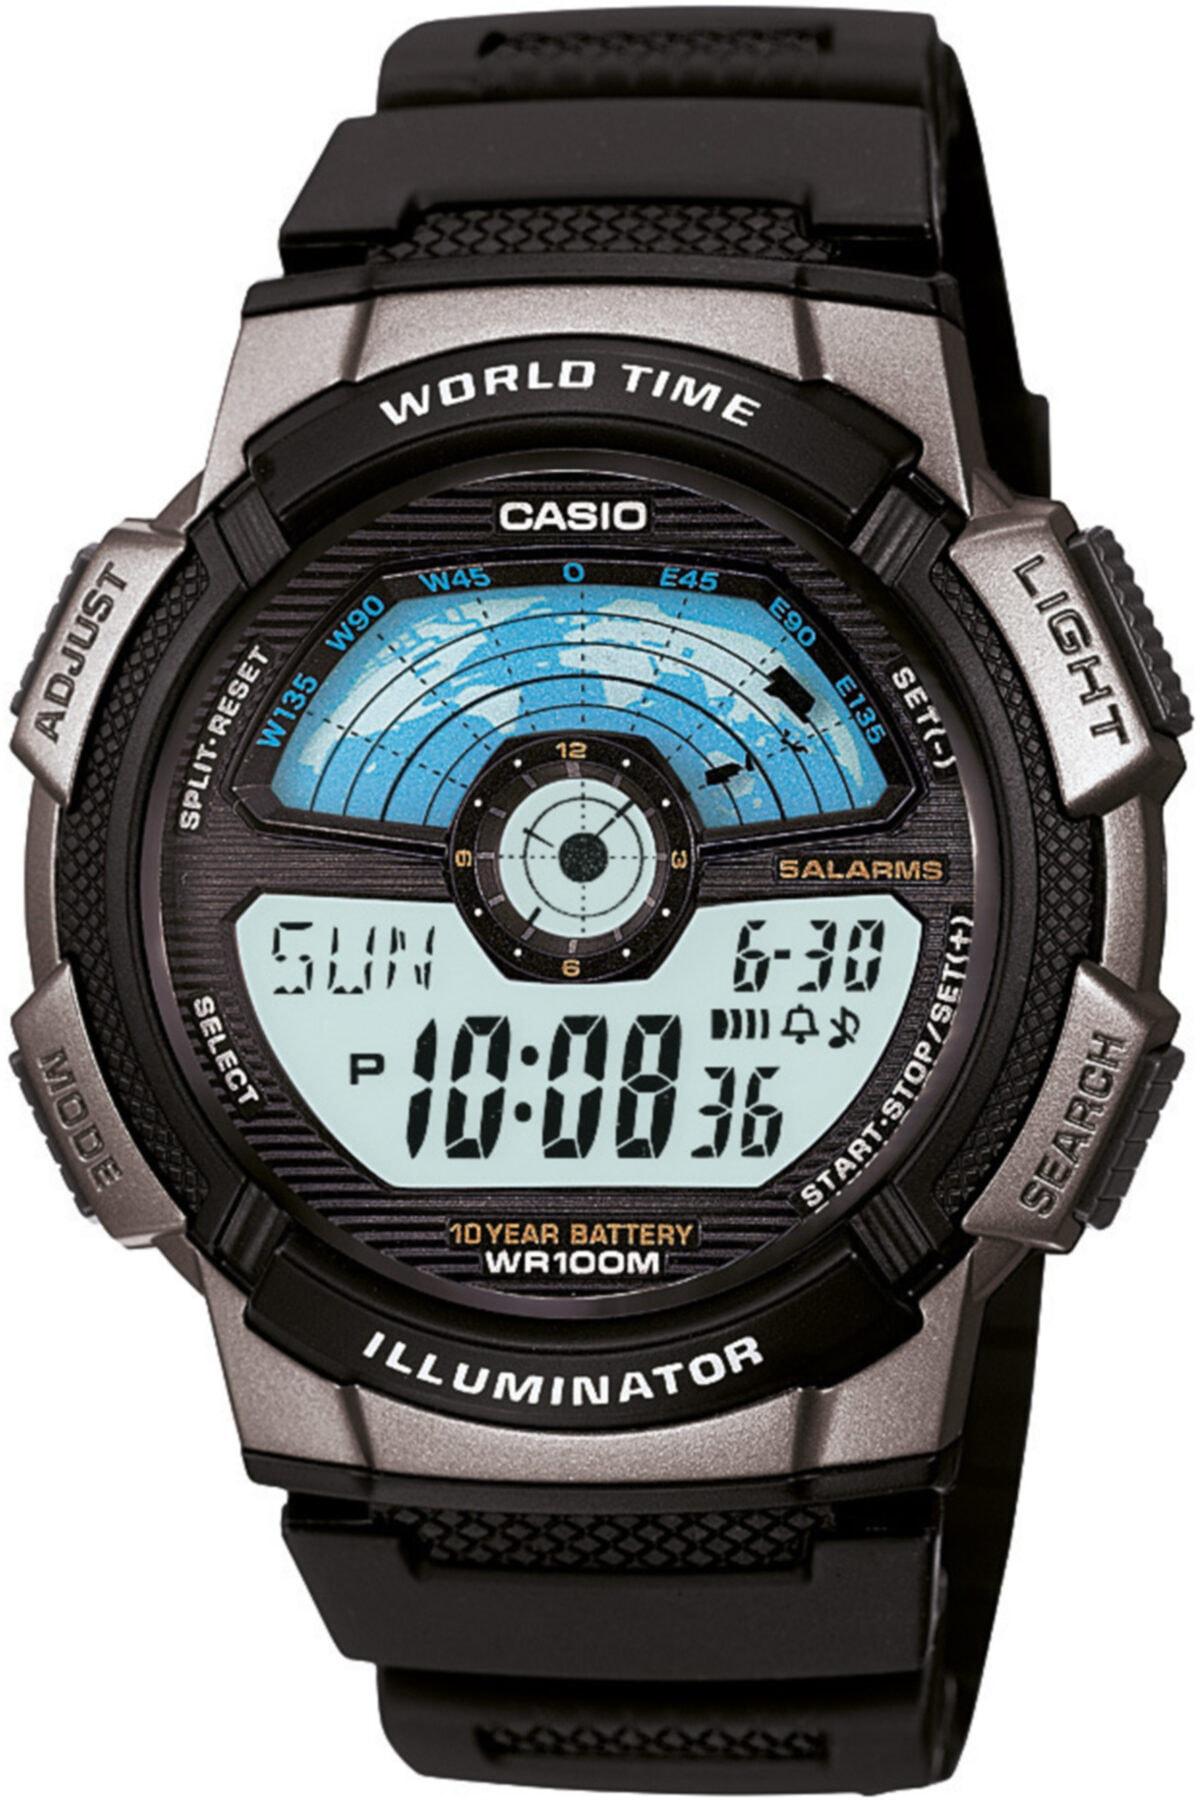 Casio Ae-1100w-1avdf Erkek Kol Saati - 10 Yıl Pil Ömrü 1